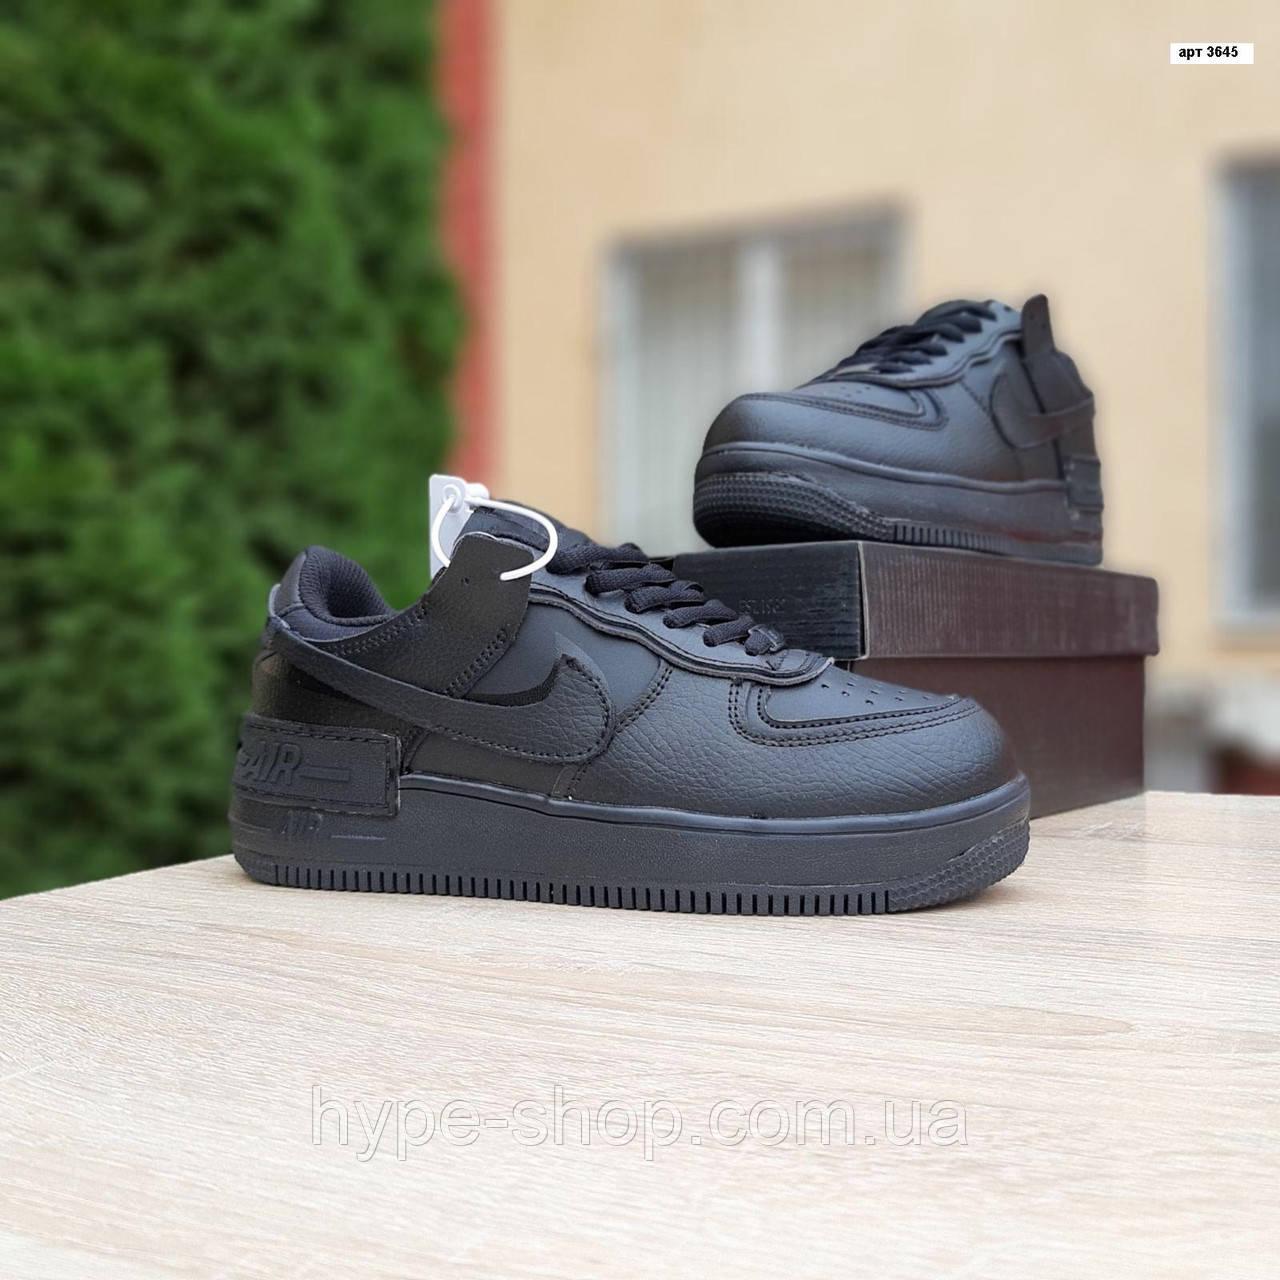 Жіночі зимові кросівки стилі Nike Air Force 1 Mid